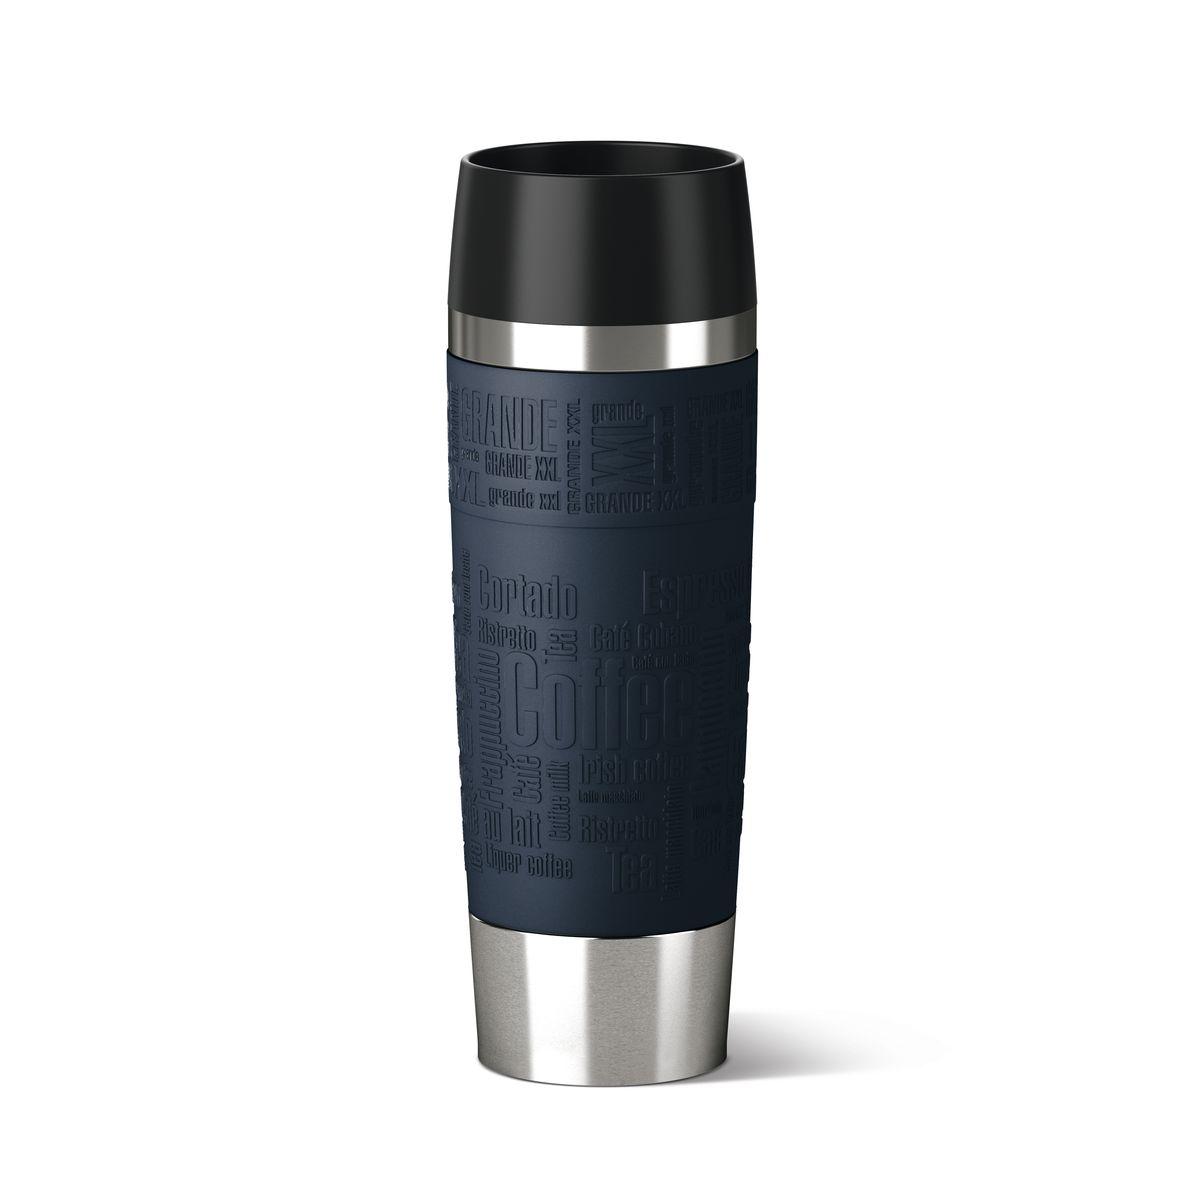 Термокружка Emsa Travel mug Grande, цвет: темно-синий, стальной, 500 мл515618Термокружка Emsa Travel Mug Grande - это идеальный попутчик в дороге - не важно, по пути ли на работу, в школу или во время похода по магазинам. Вакуумная кружка на 100 % герметична. Кружка имеет двустенную вакуумную колбу из нержавеющей стали, благодаря чему температура жидкости сохраняется долгое время. Кружку удобно держать благодаря покрытию Soft Touch из силикона. Изделие открывается нажатием кнопки. Пробка разбирается и превосходно моется. Дно кружки выполнено из силикона, что препятствует скольжению.Диаметр кружки по верхнему краю: 7,5 см.Диаметр дна кружки: 6,5 см.Высота кружки: 24 см.Сохранение холодной температуры: 12 ч.Сохранение горячей температуры: 6 ч.